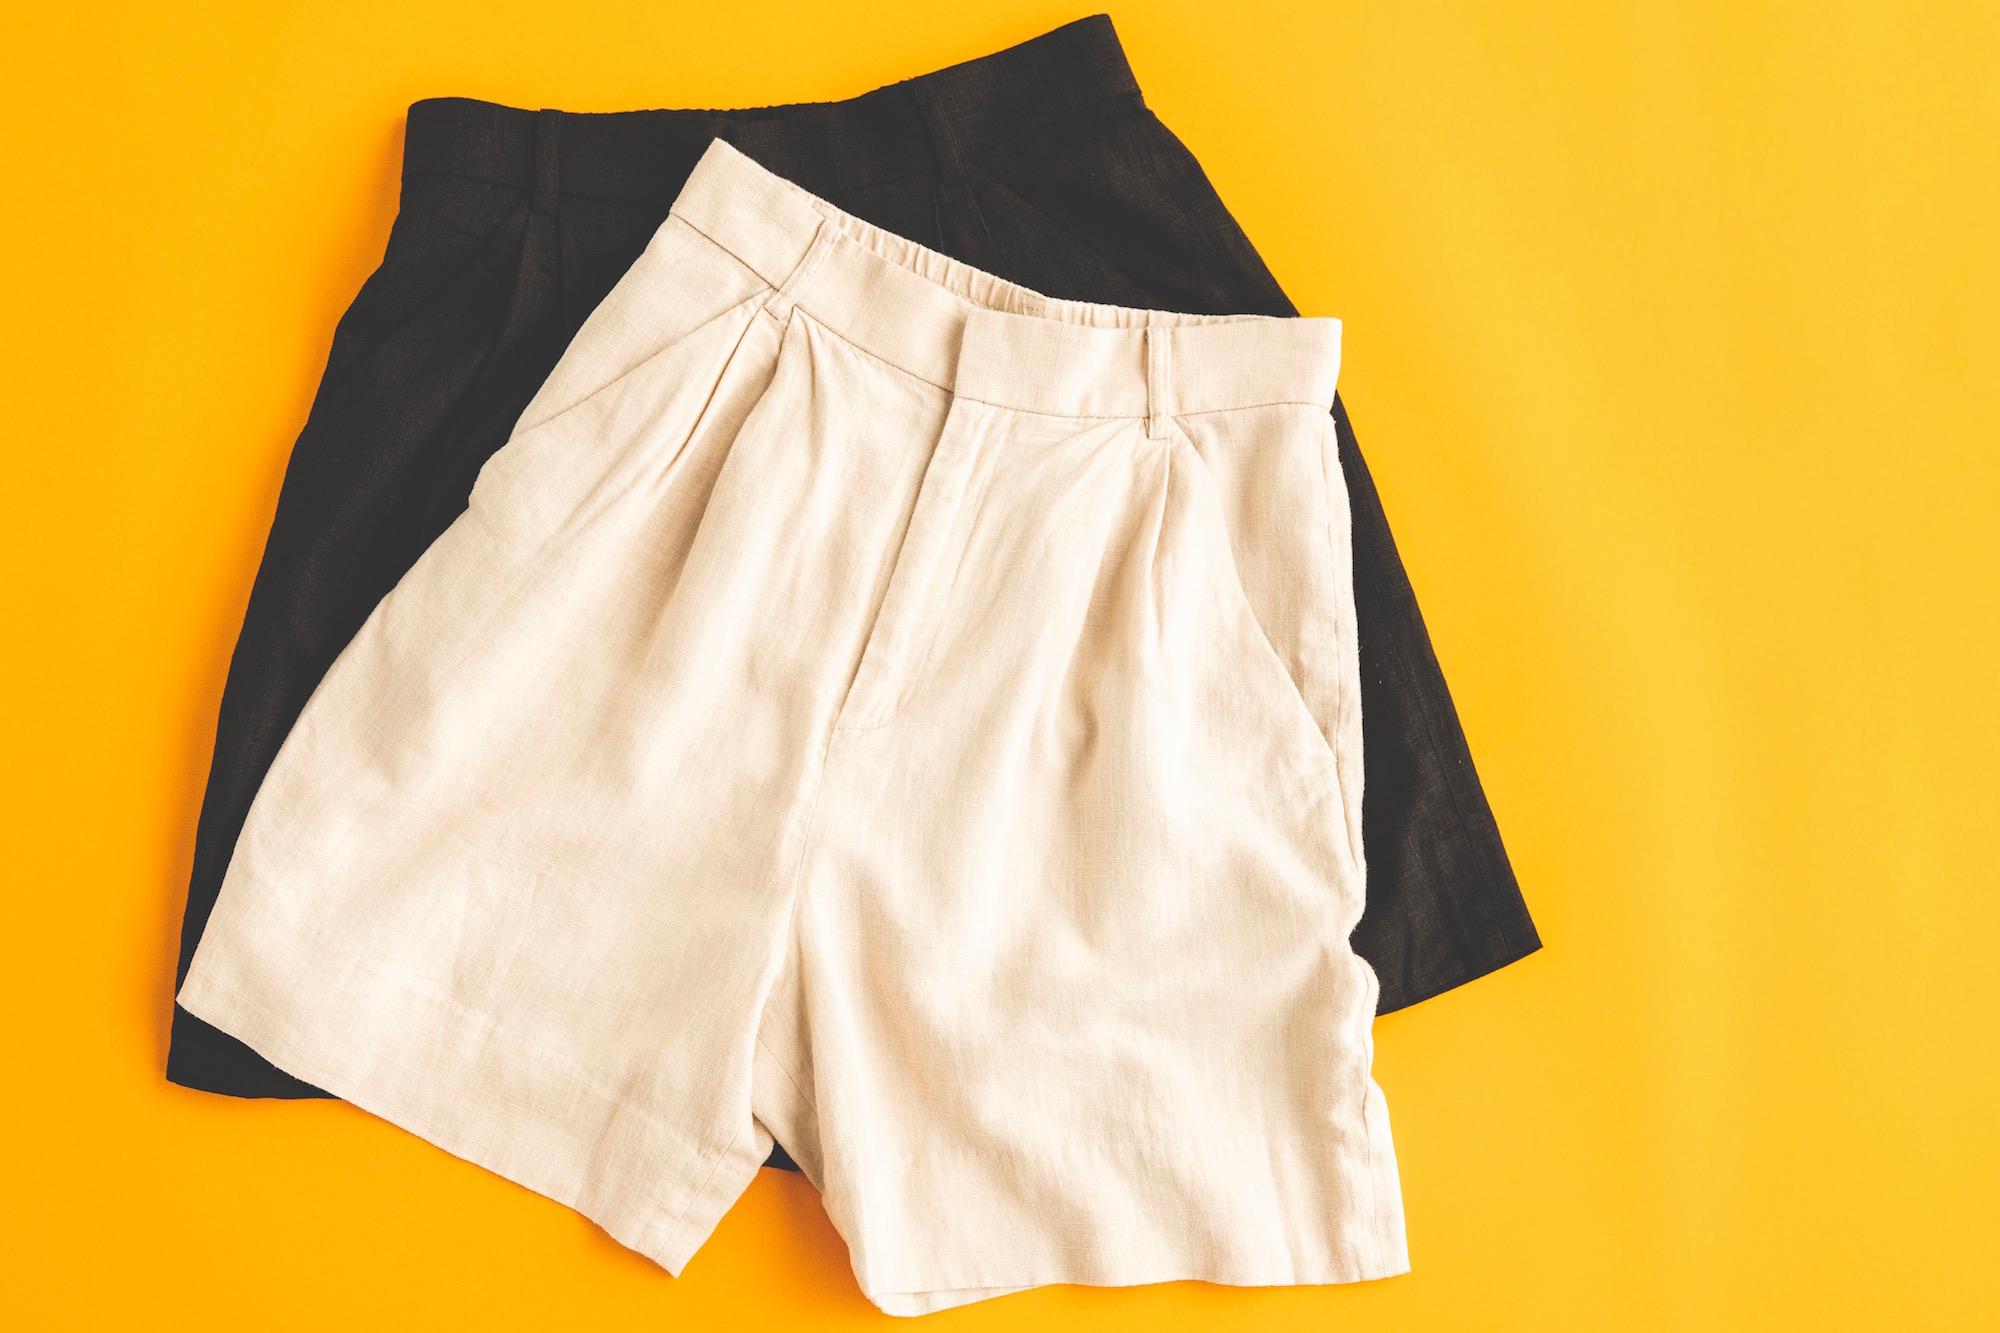 【2019春夏トレンド】「ショートパンツ」はどんな着こなしが今っぽい?